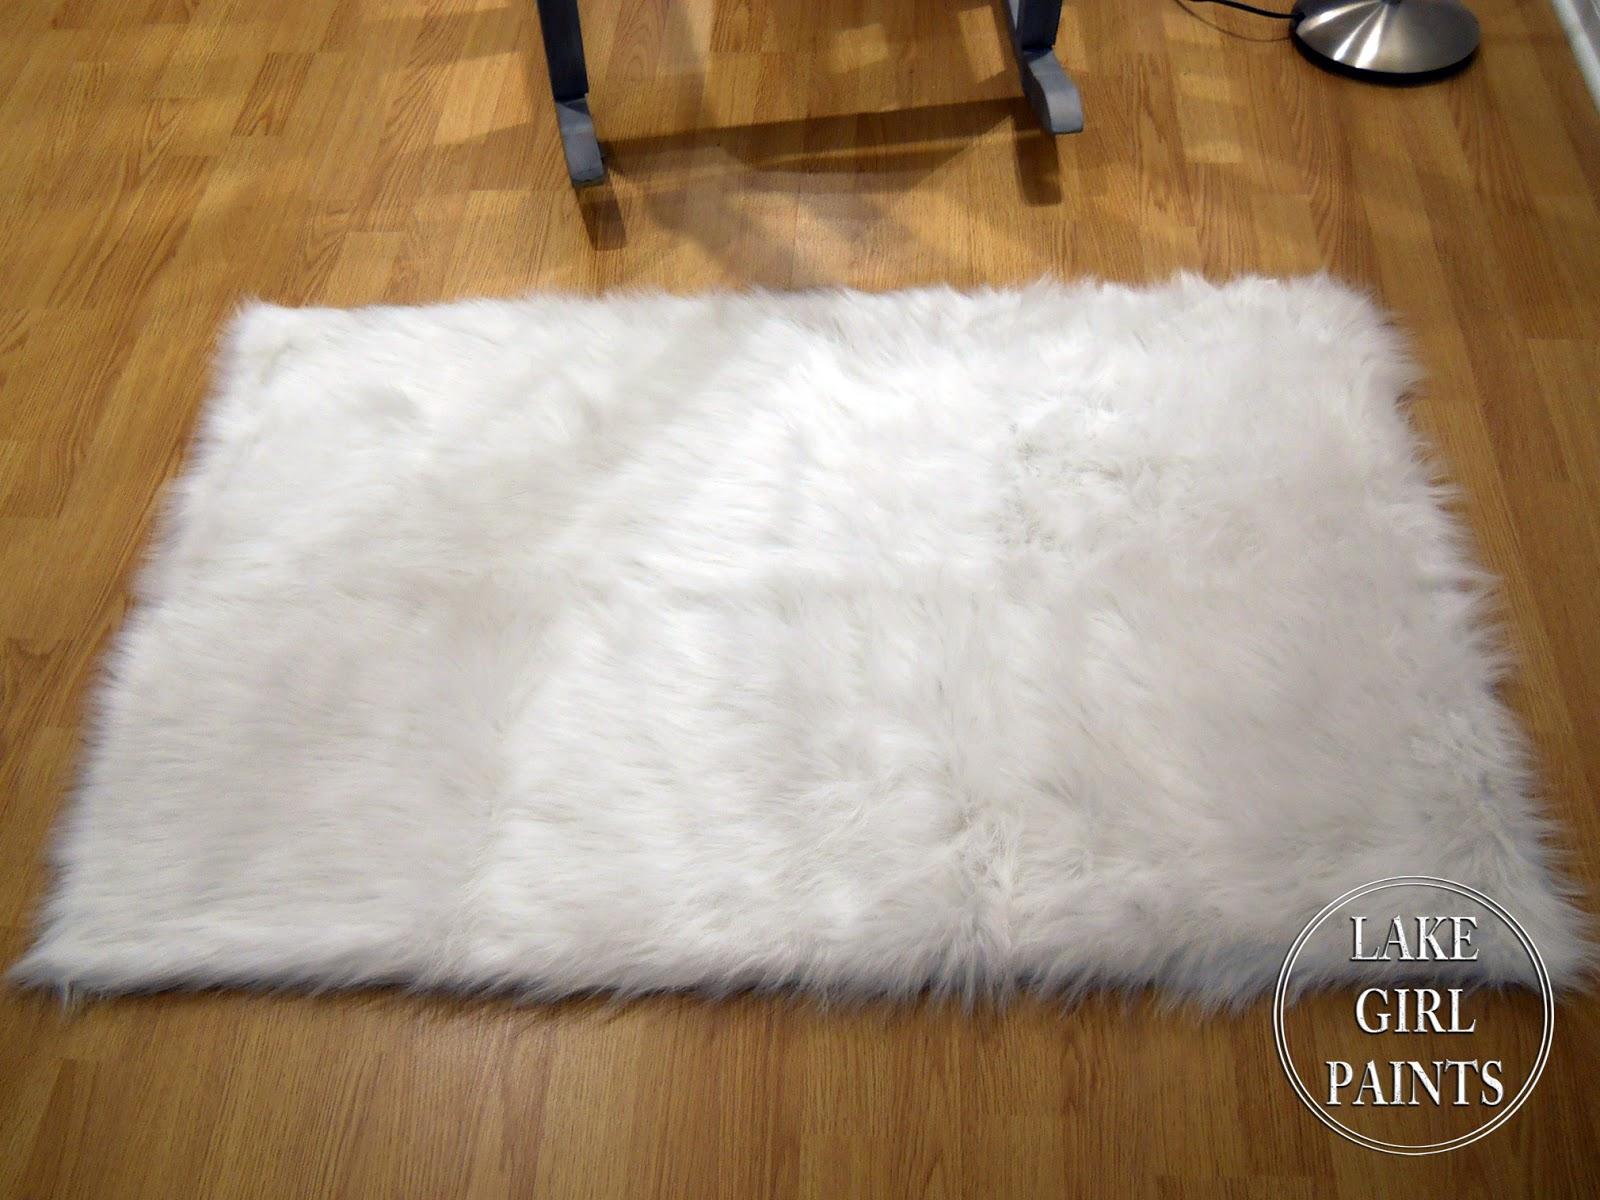 Lake Girl Paints Rocker In Shabby Denim Paint And White Fur